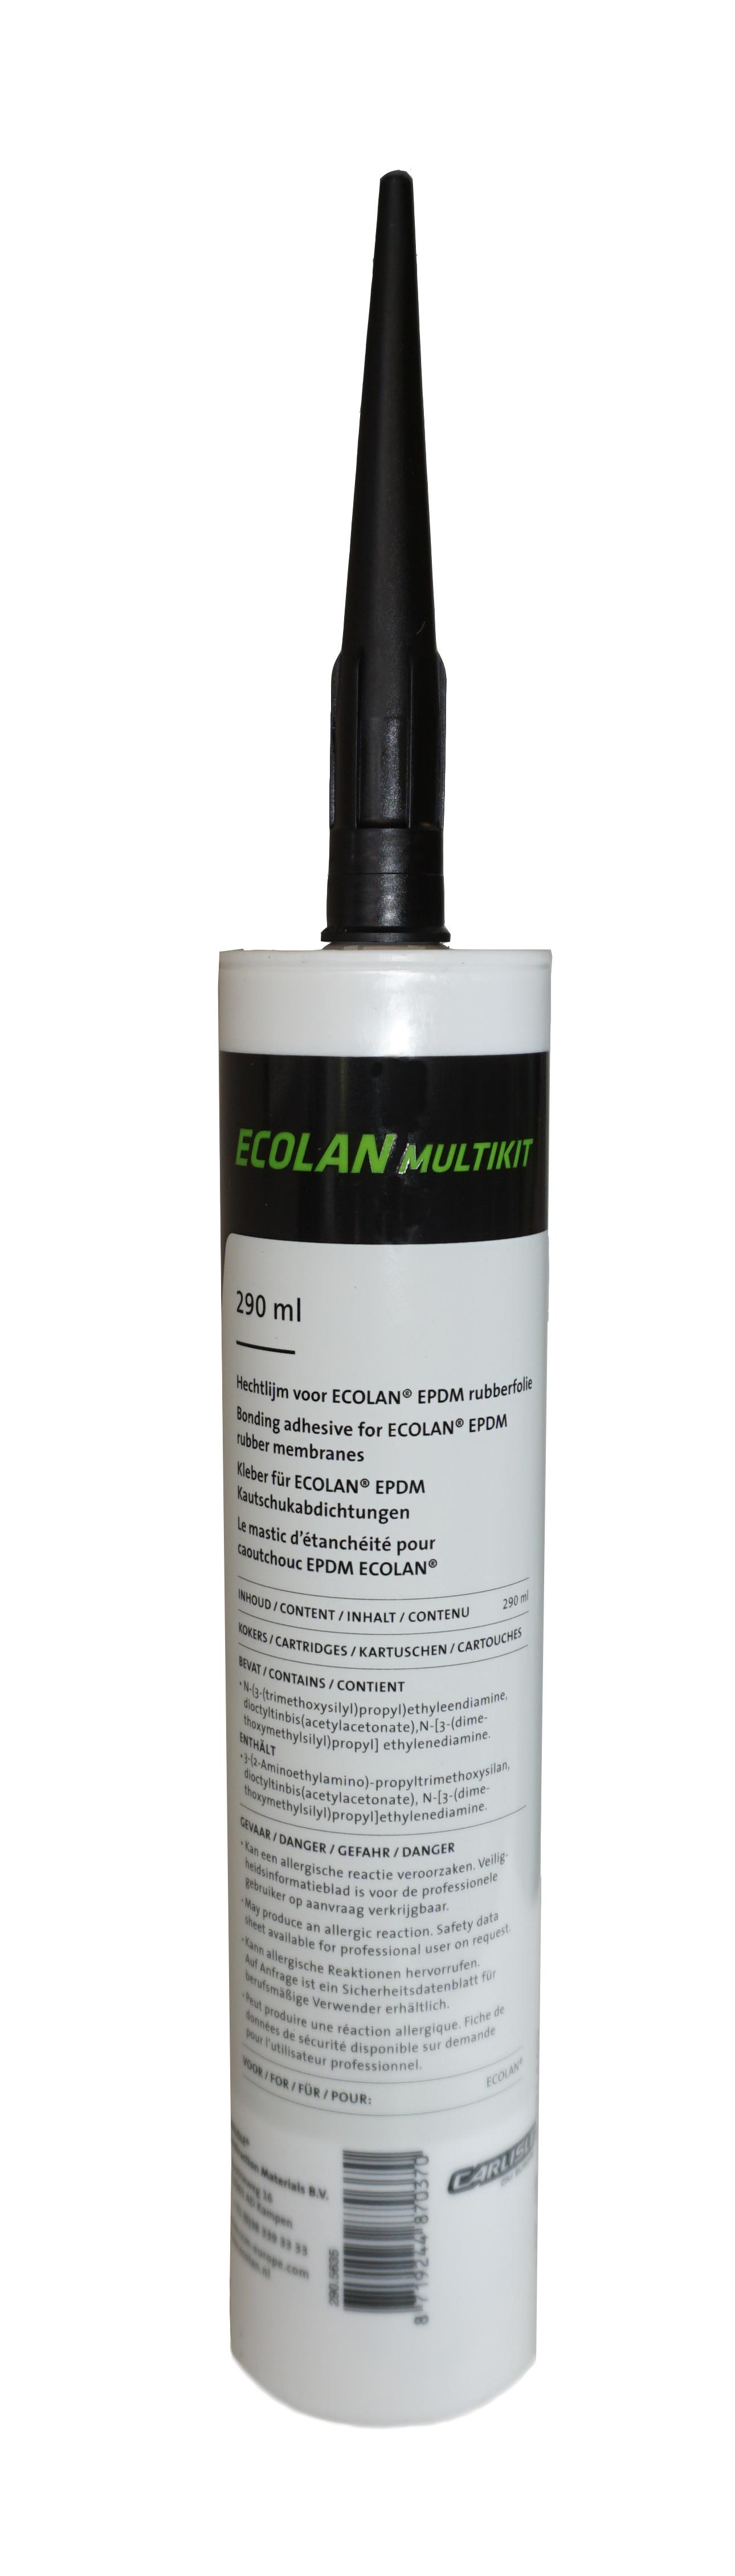 Ecolan Multikit